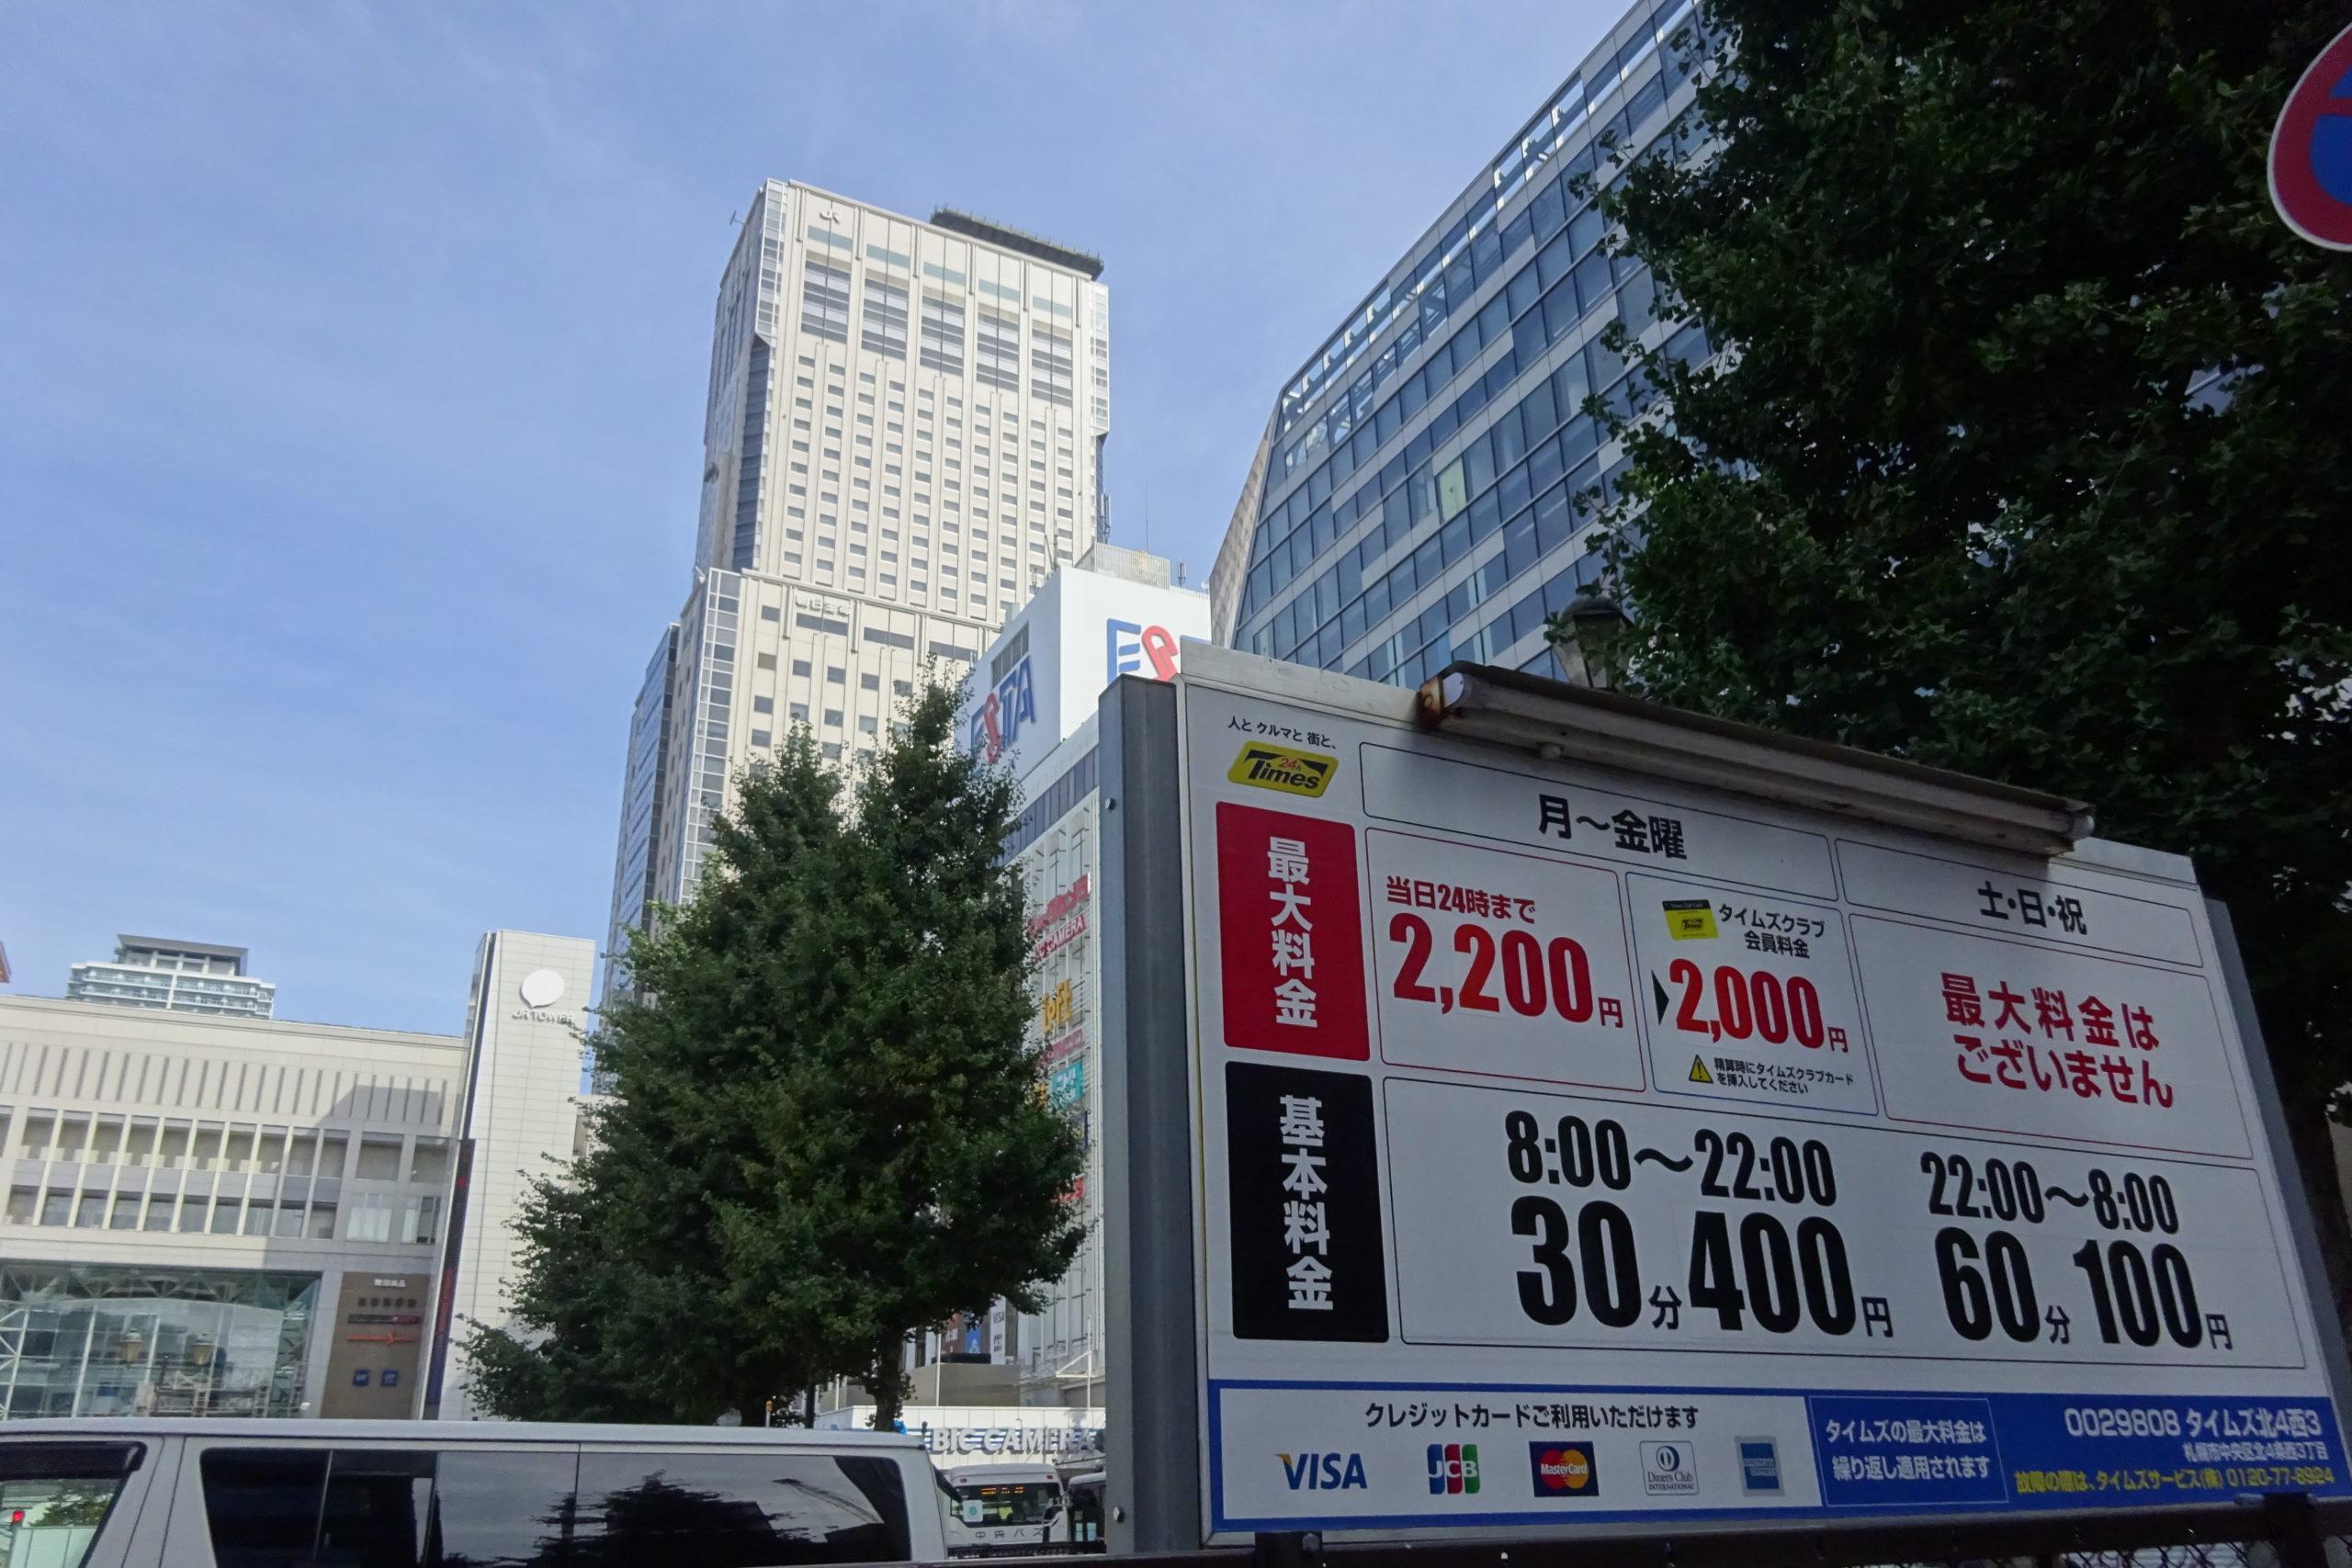 札幌駅周辺で最大料金ありの駐車場・コインパーキング一覧